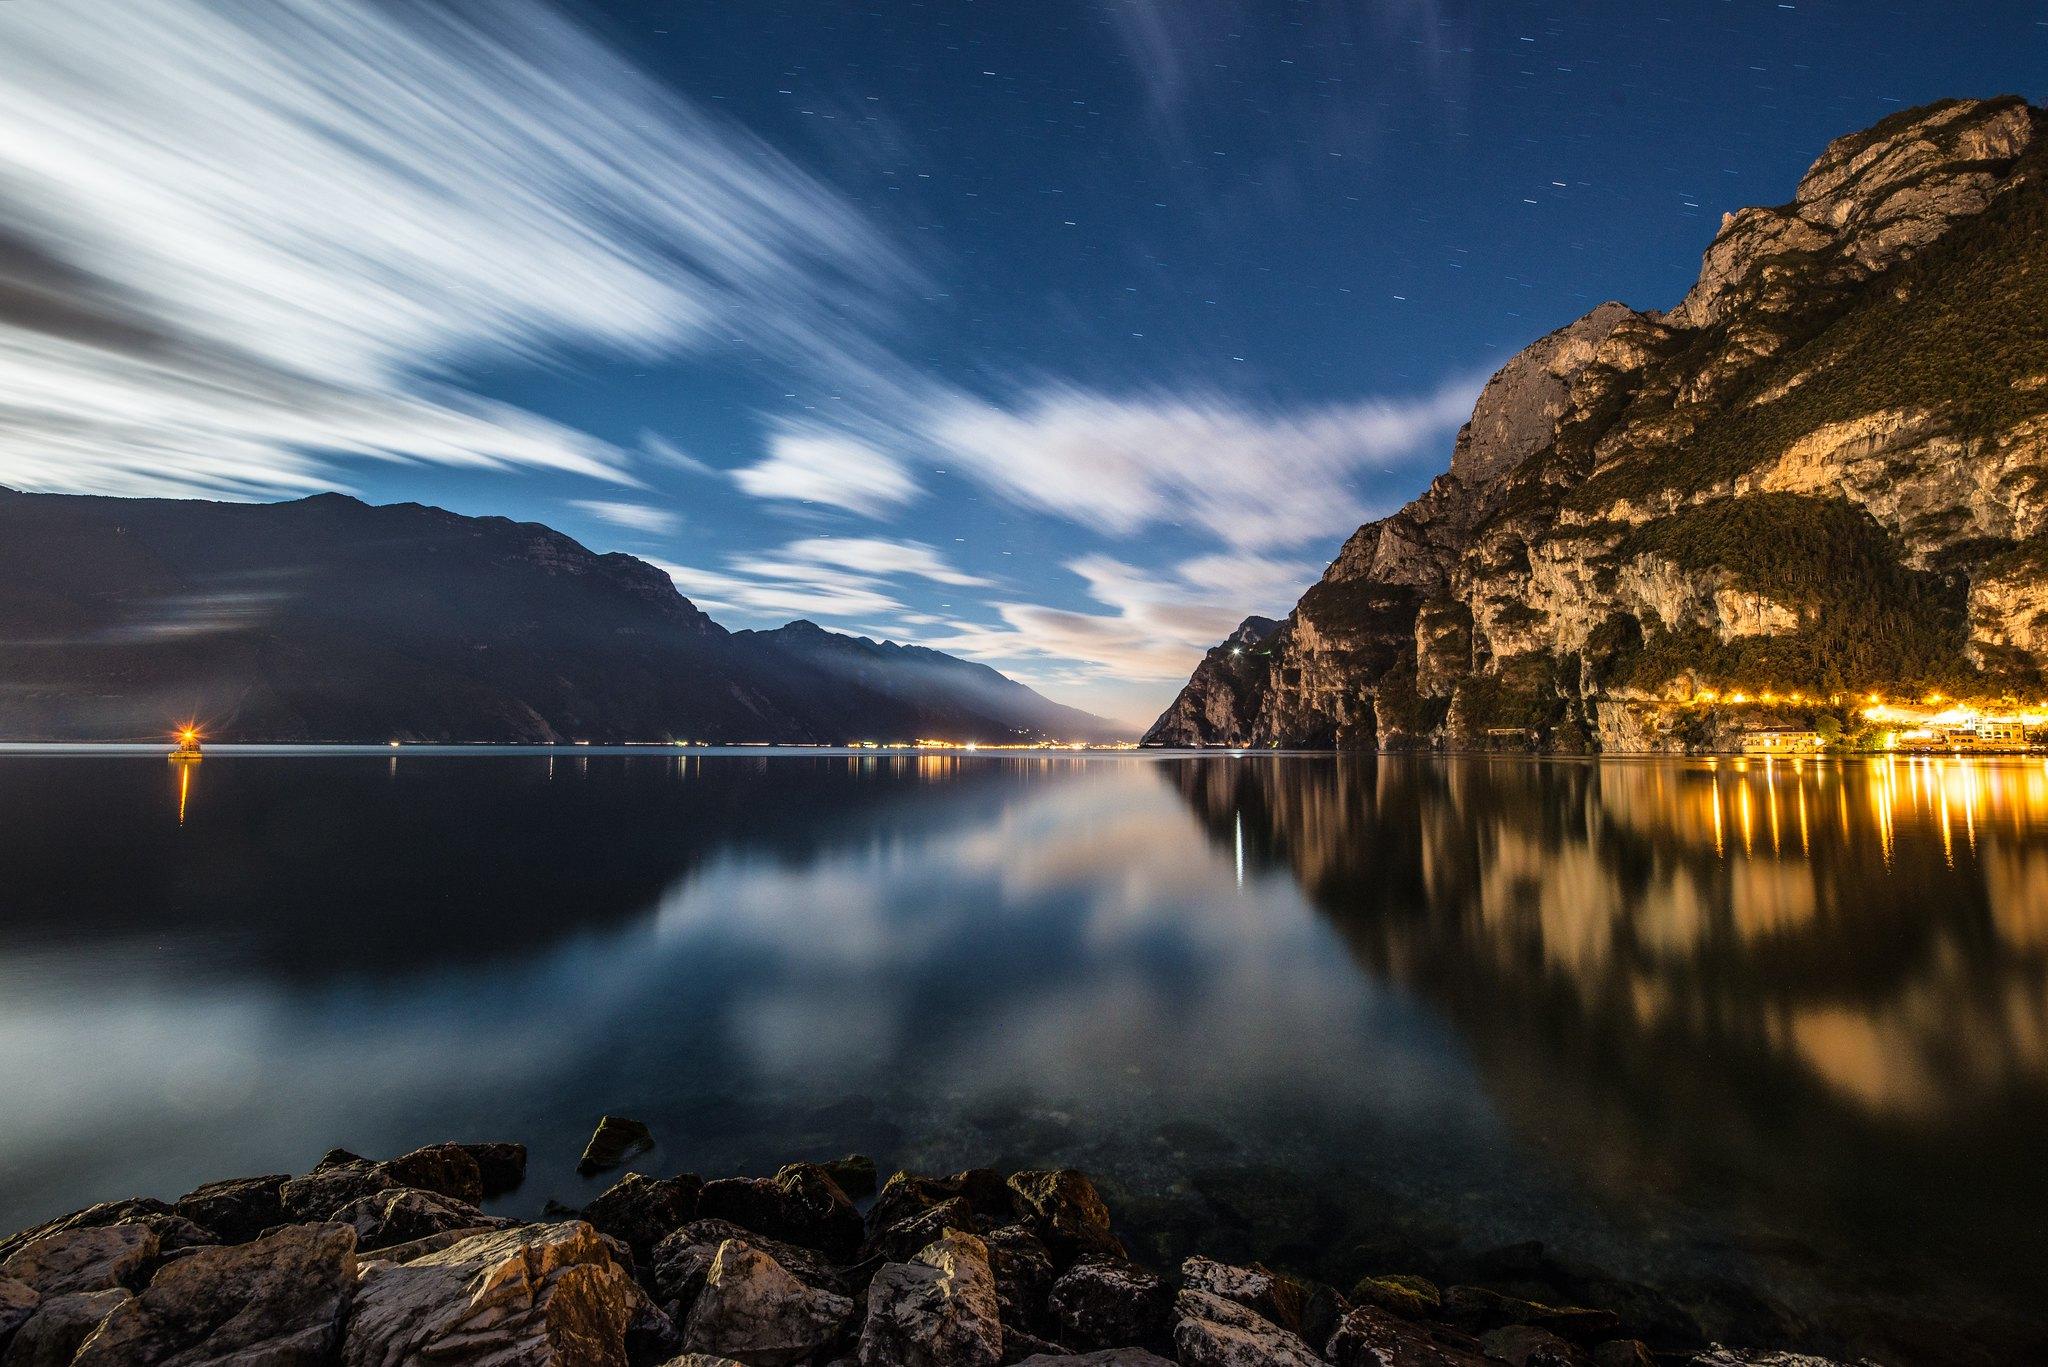 Lakeside Riva, Italy